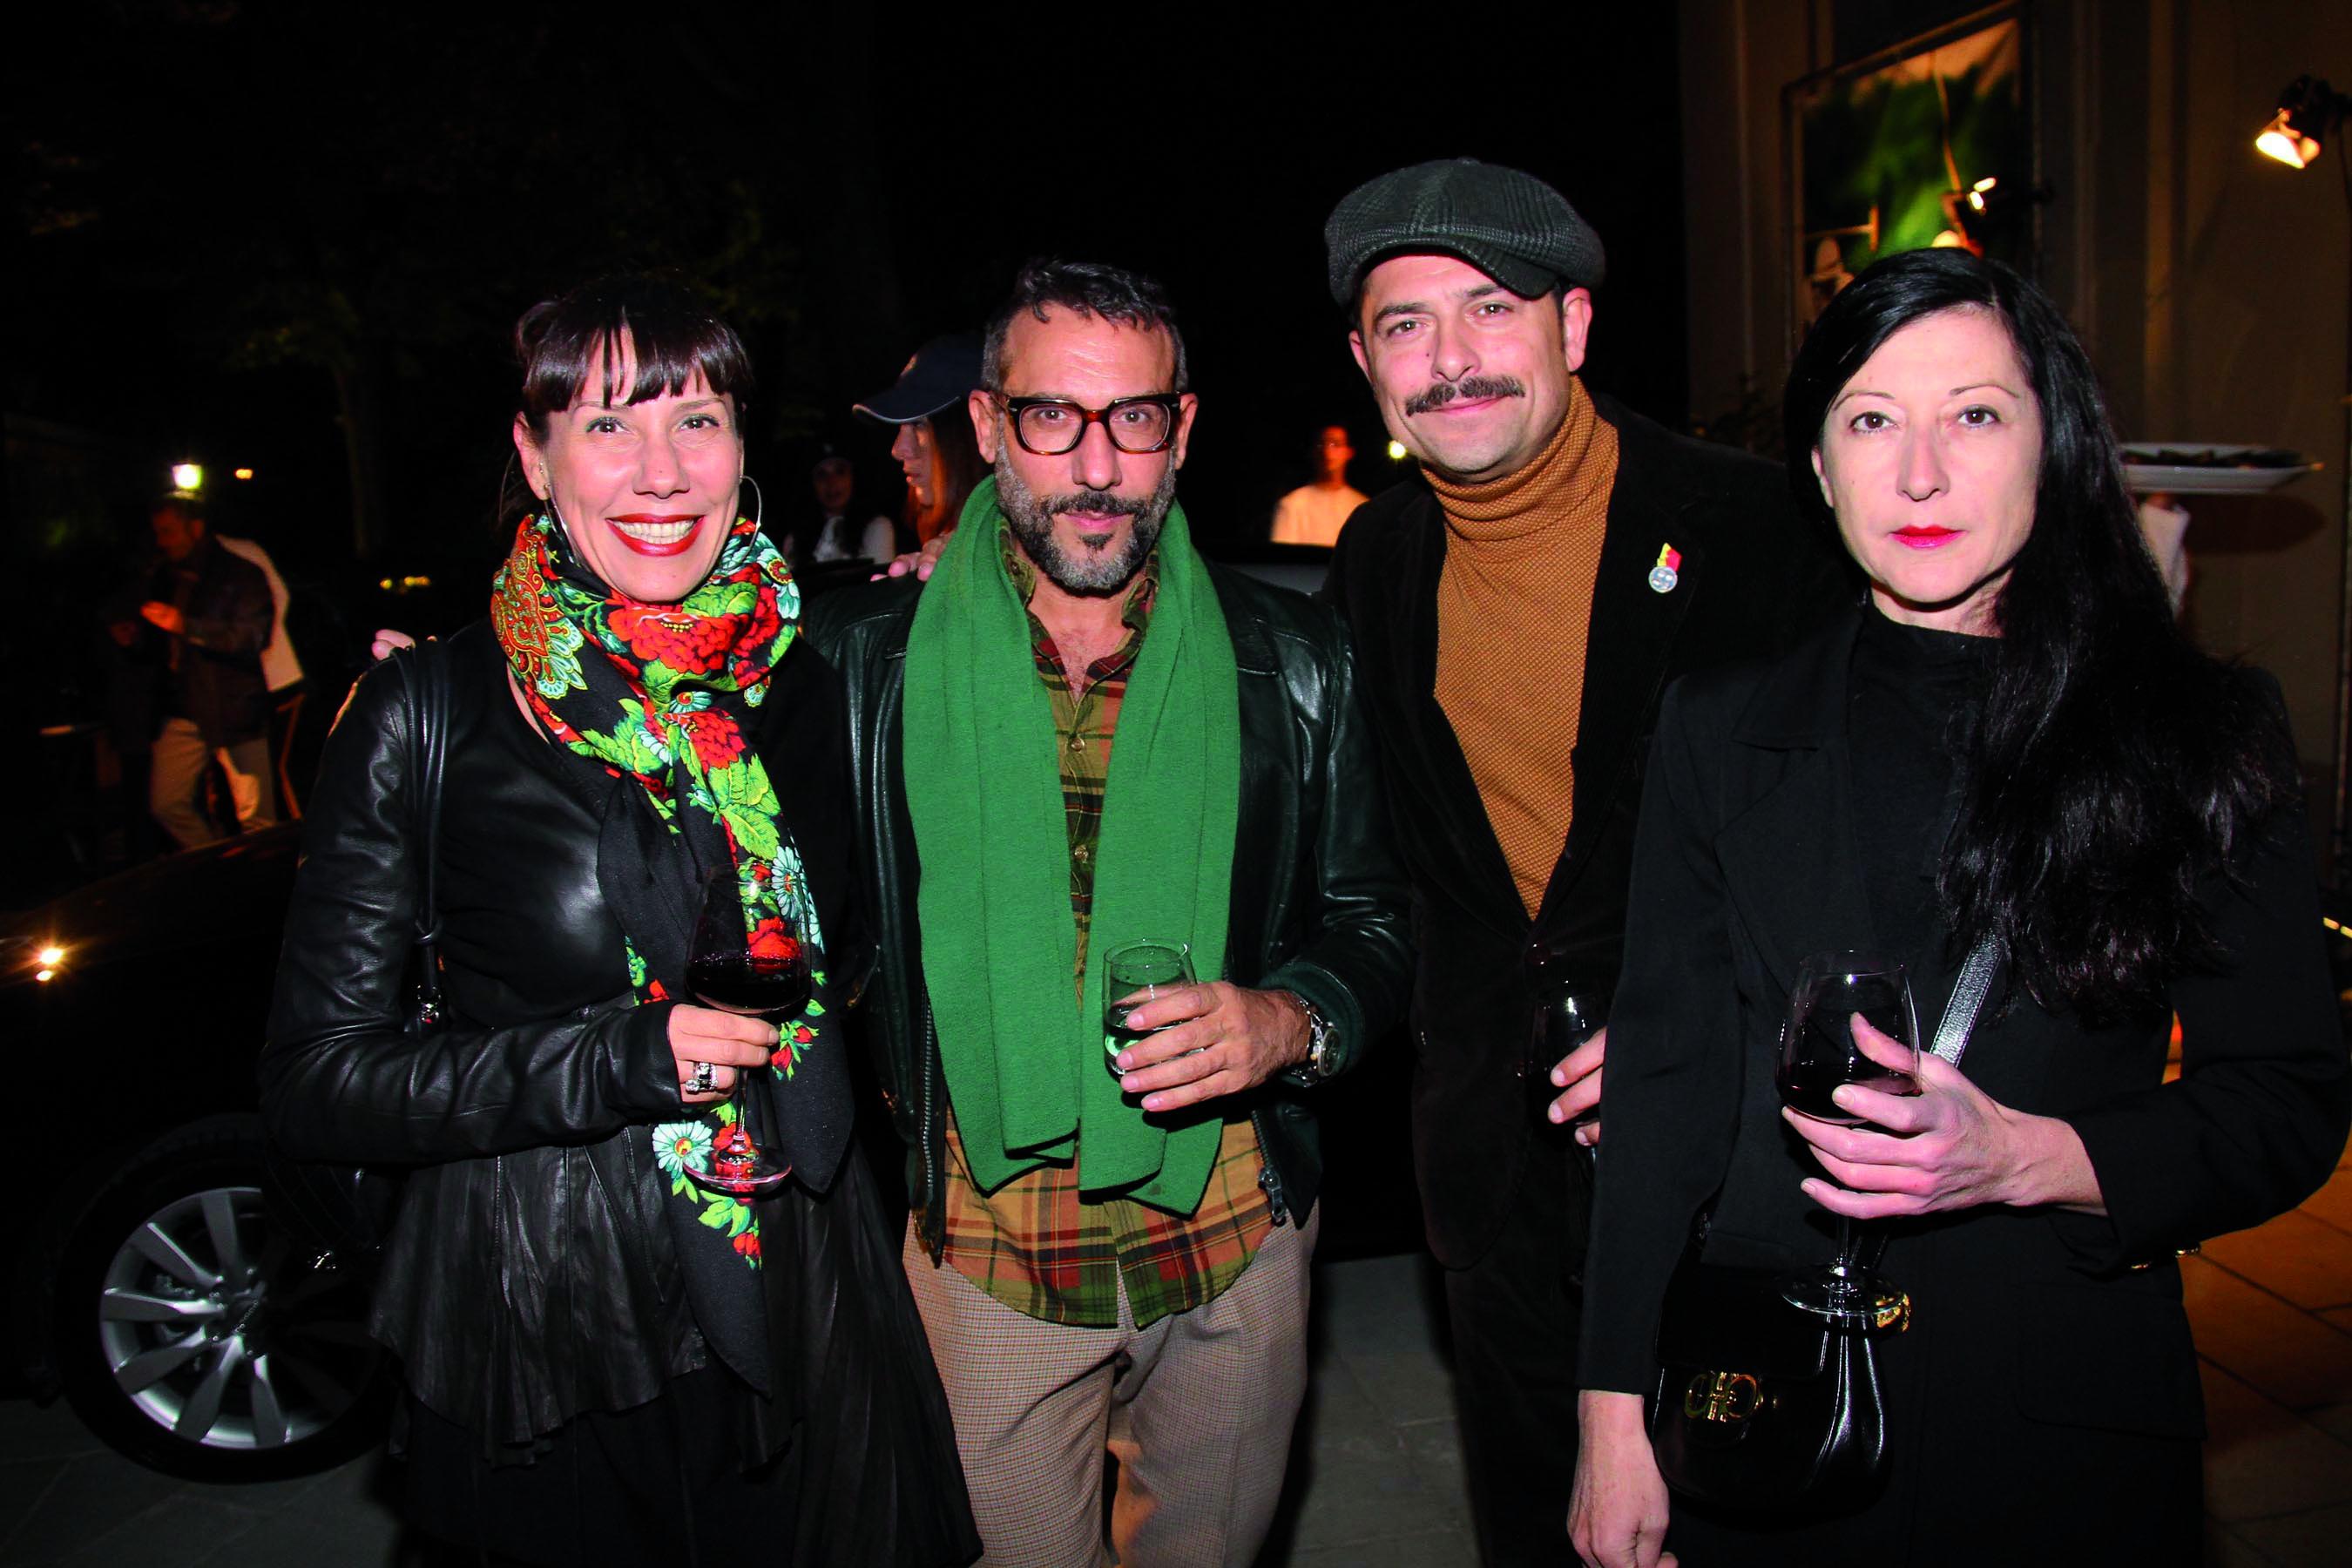 PRESSPHOTO Firenze, Festa Firenze Made in Tuscany a Villa Olmi. Nella foto Patrizia ed Elio Ferraro, Francesco Conforti e Antonella Mugnai